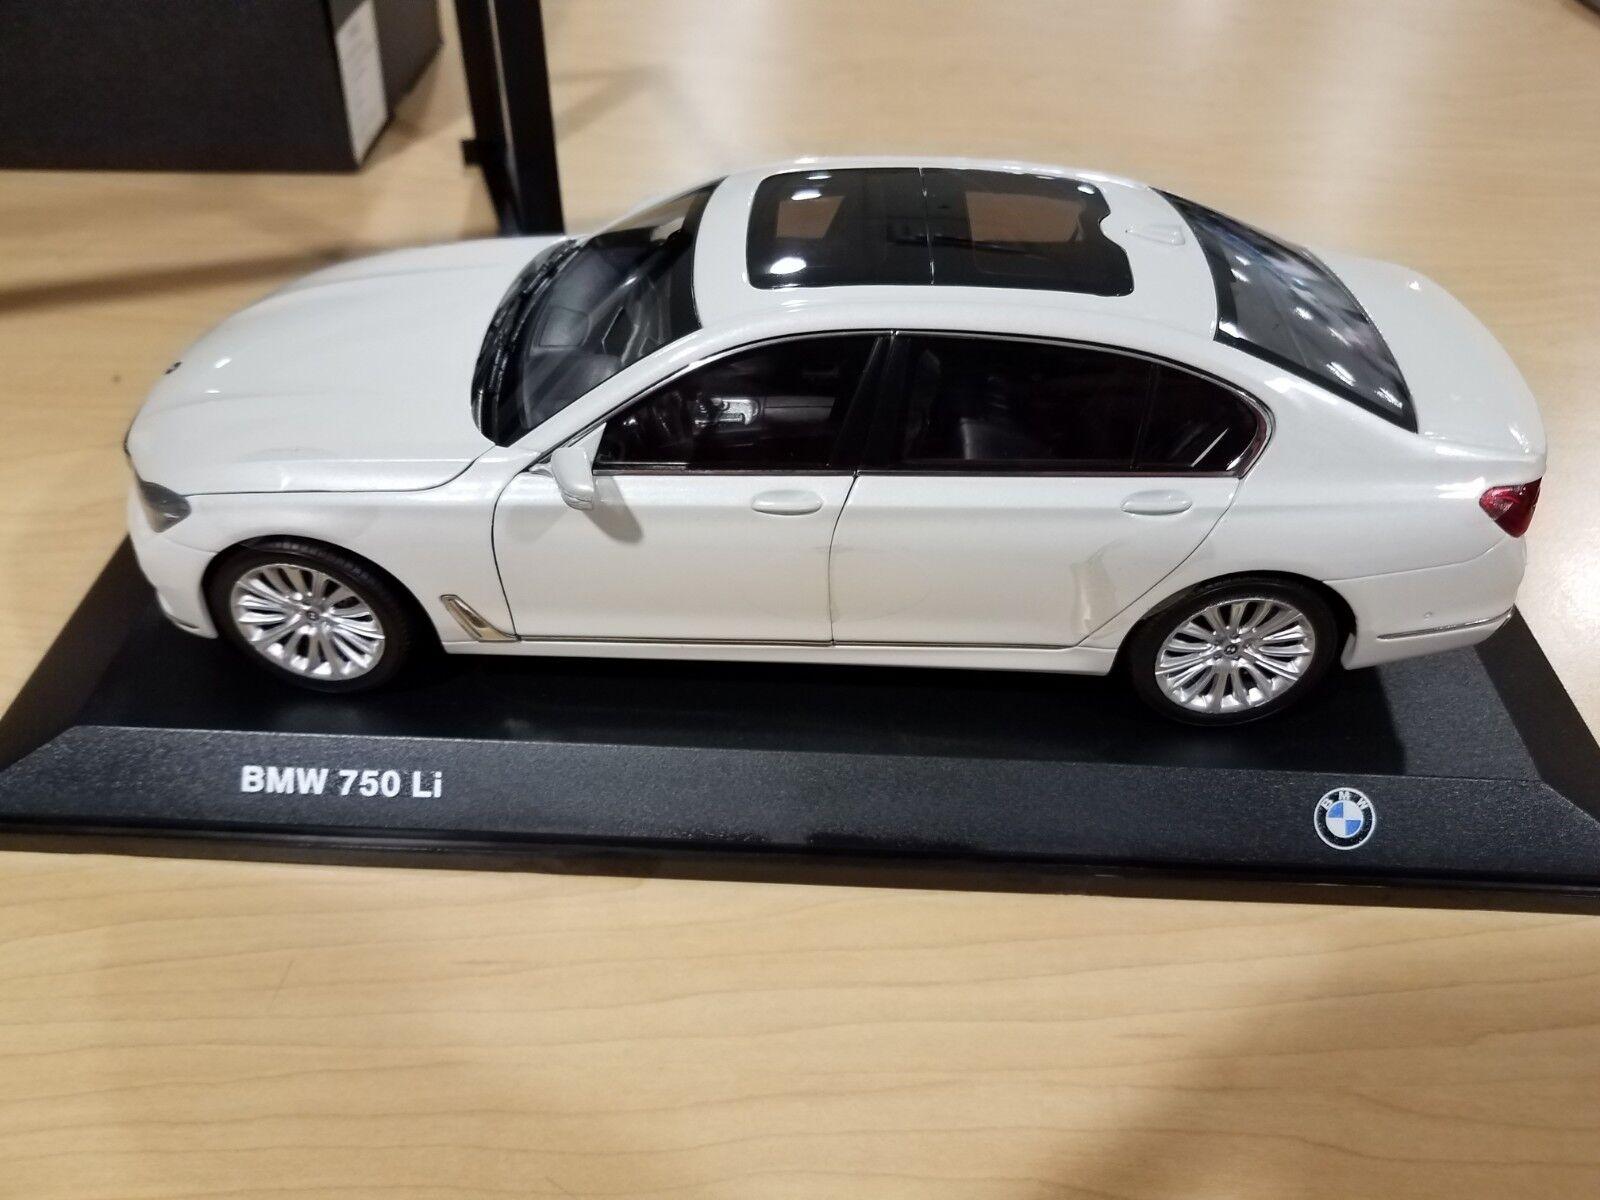 BMW G12 750Li 1 18 scale model miniature voiture de collection Blanc 80432405587